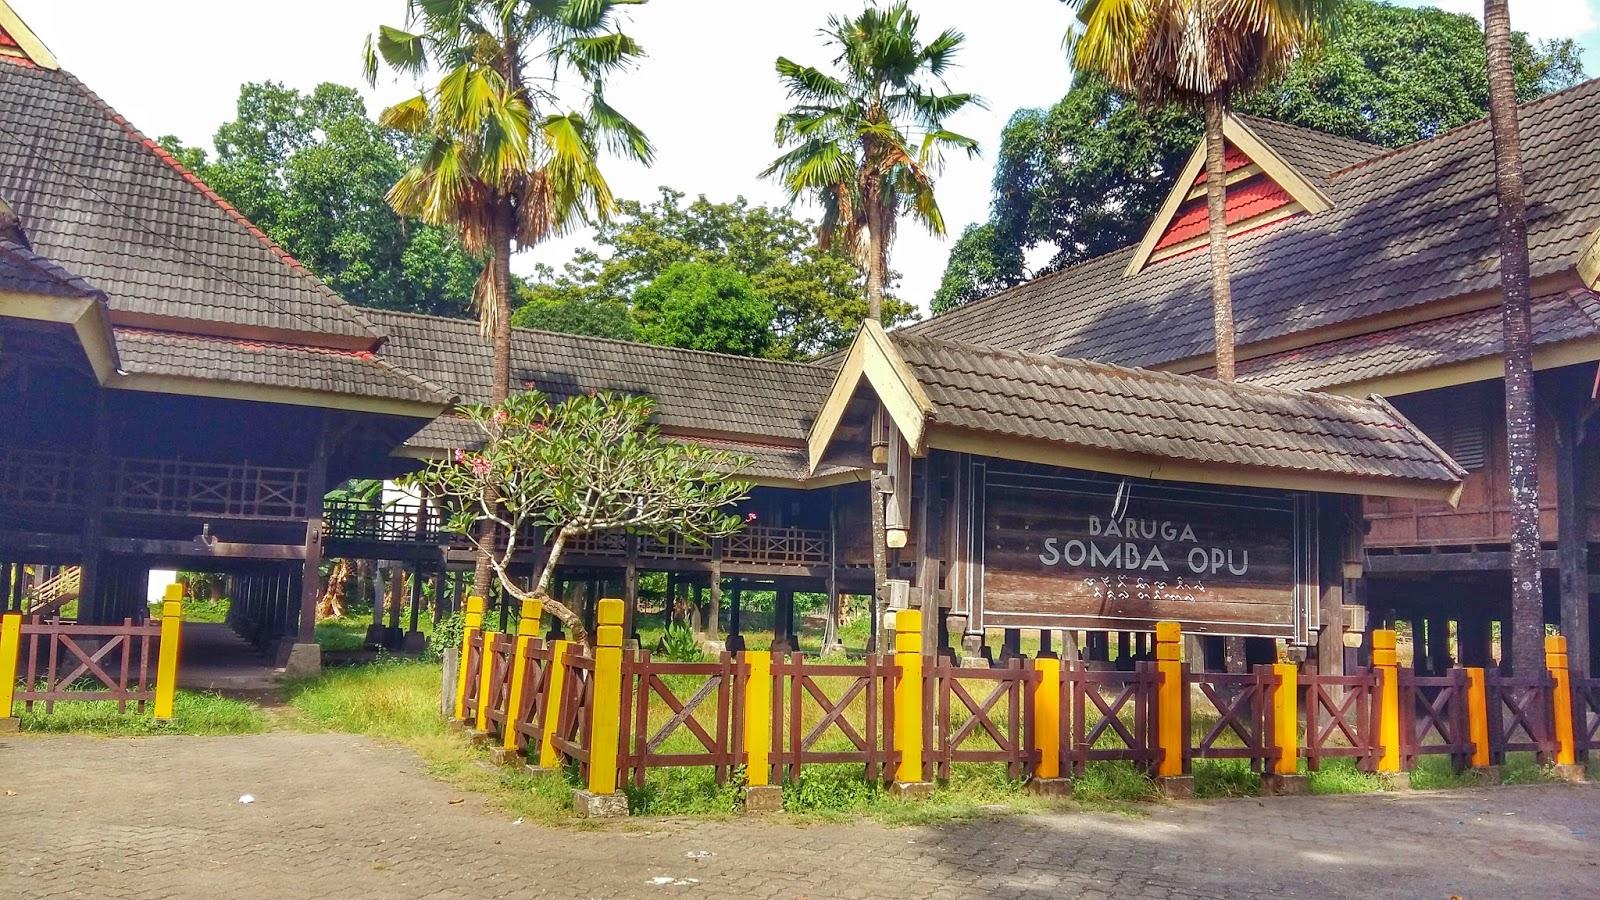 Benteng sombo opu